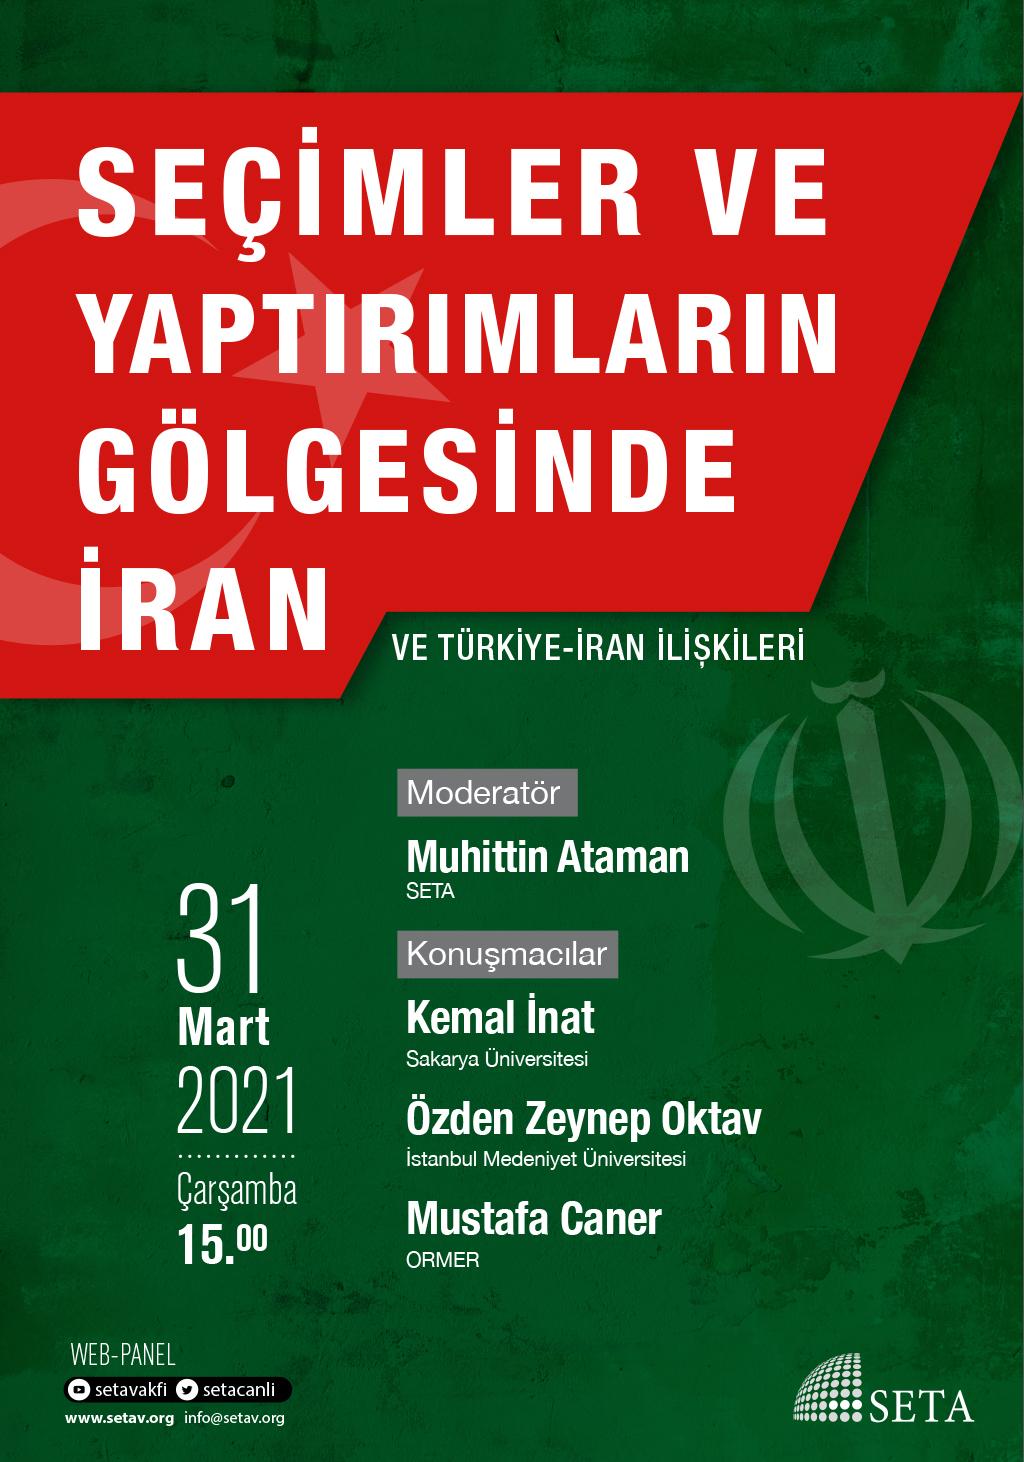 Web Panel: Seçimler ve Yaptırımların Gölgesinde İran   Türkiye-İran İlişkileri